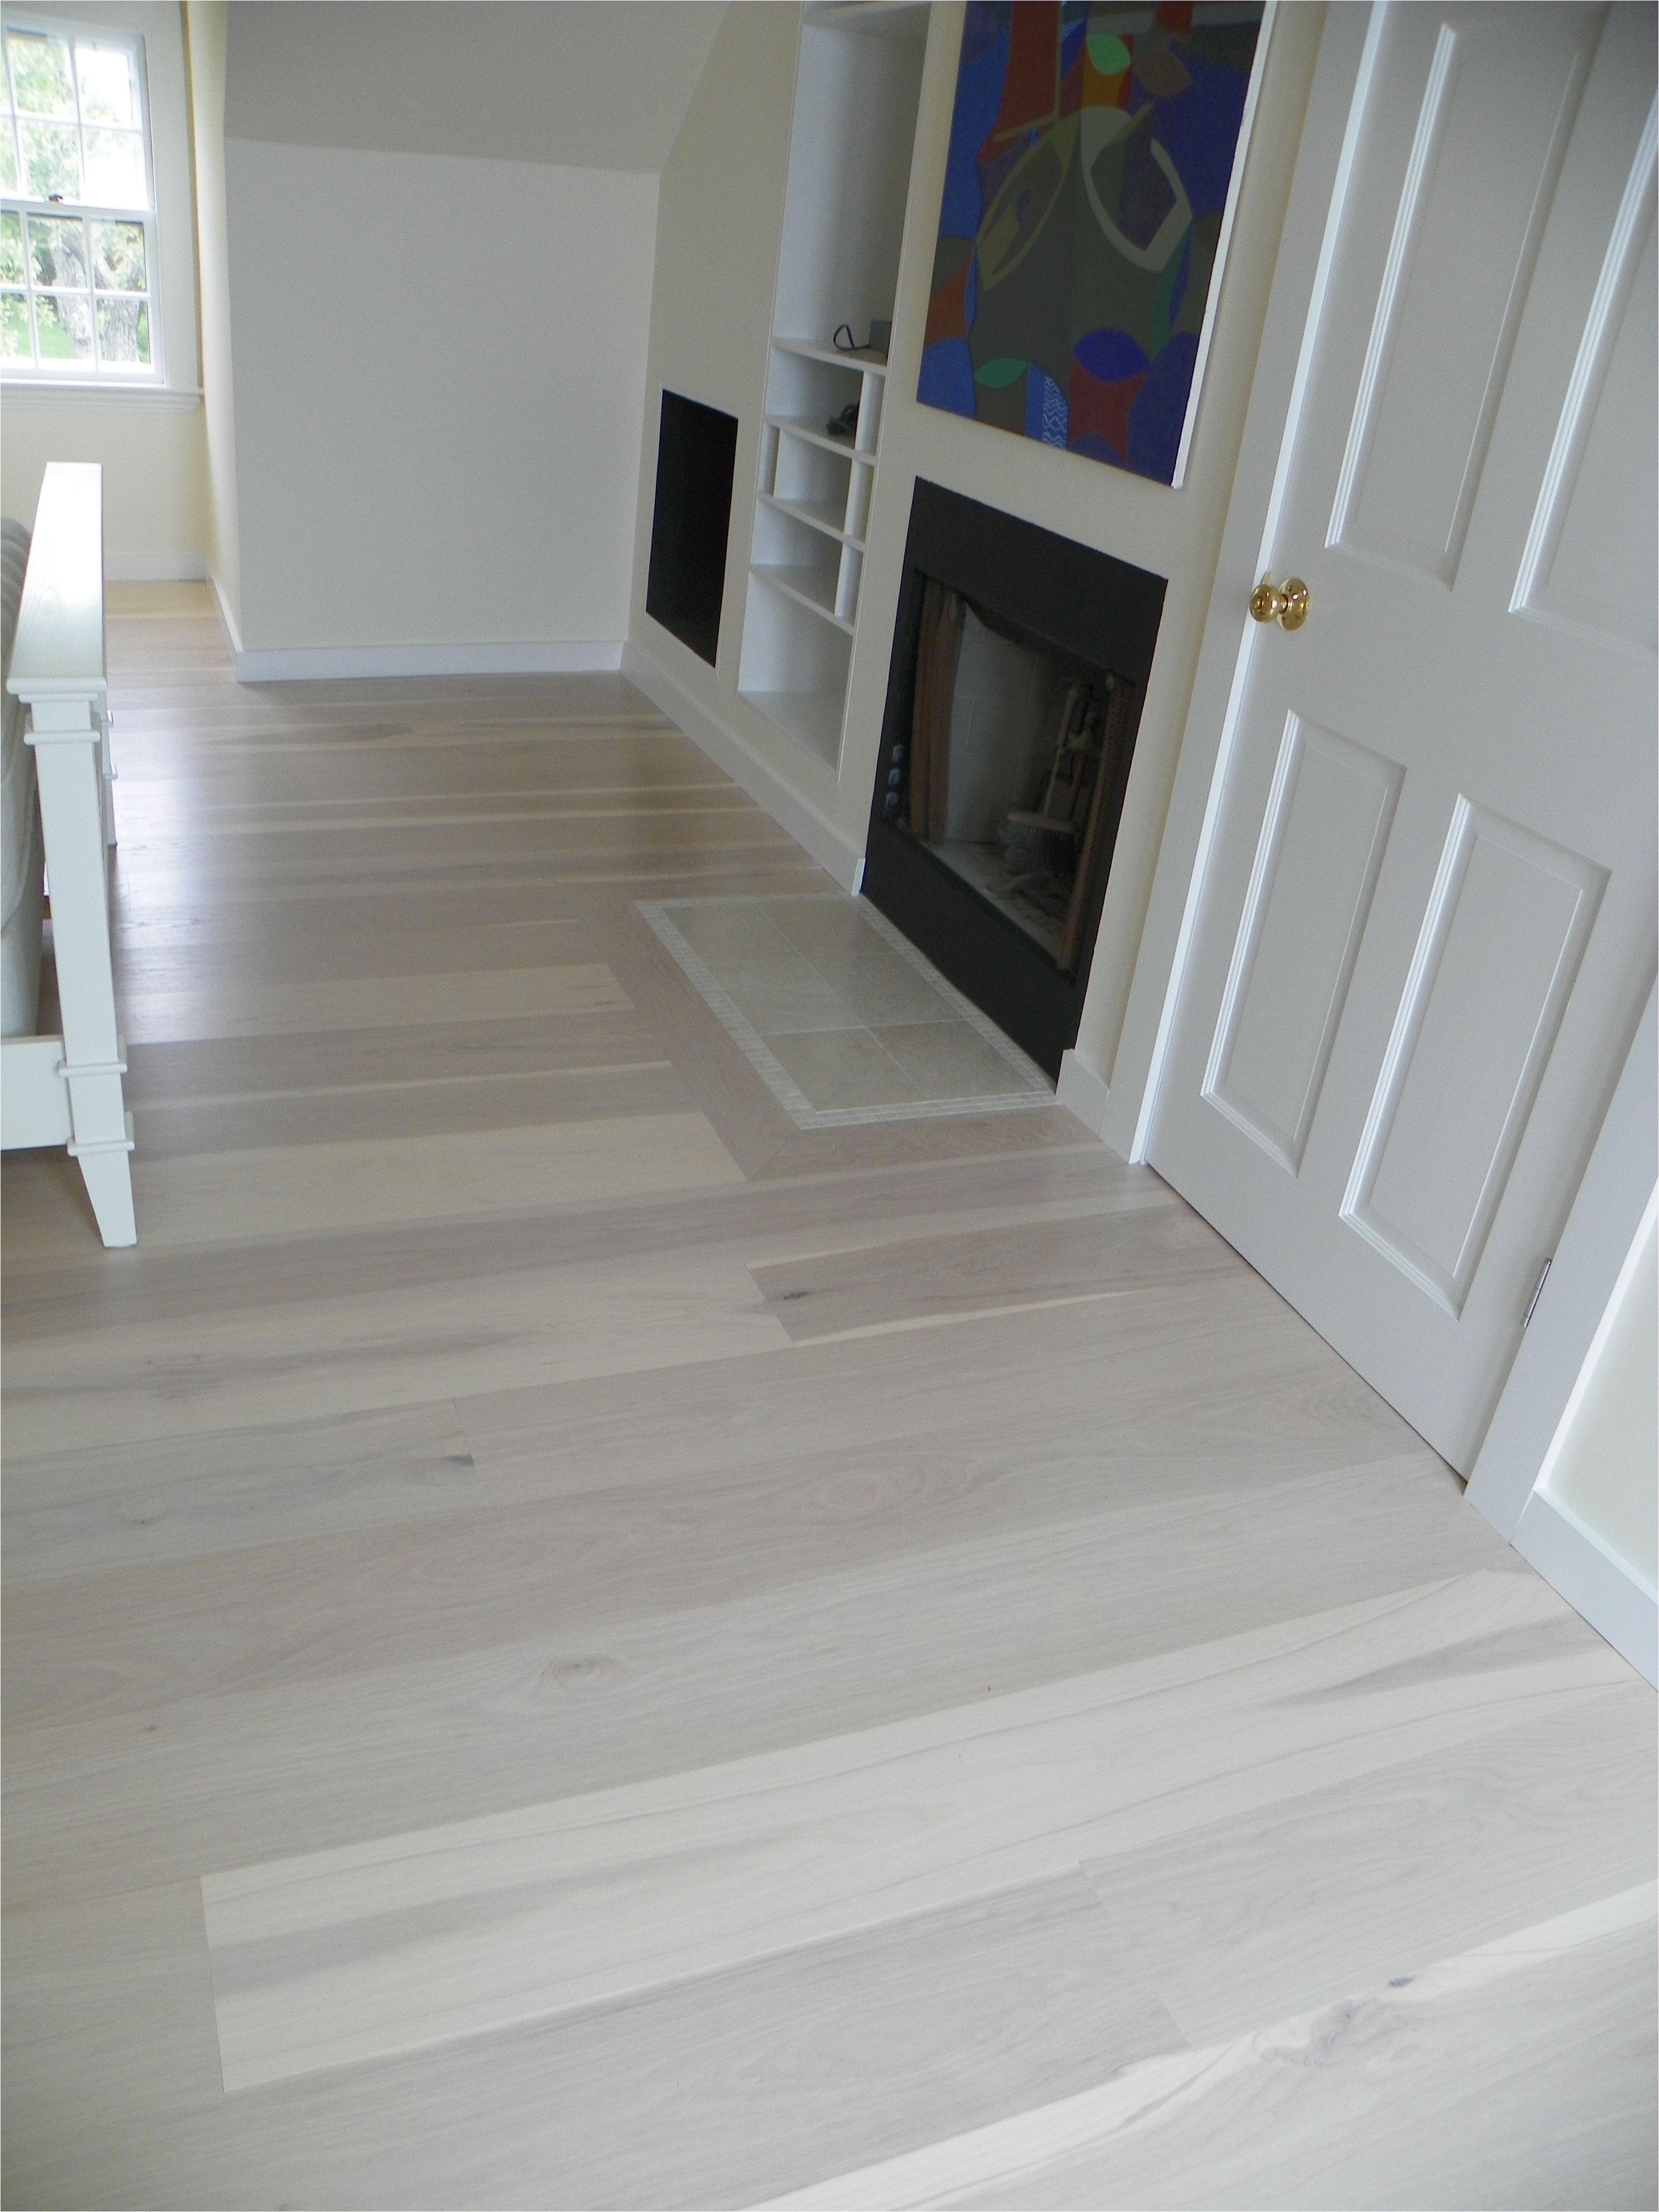 Whitewash Hardwood Floors Whitewashed Pine Floors Blog Wood Floors Pine Flooring